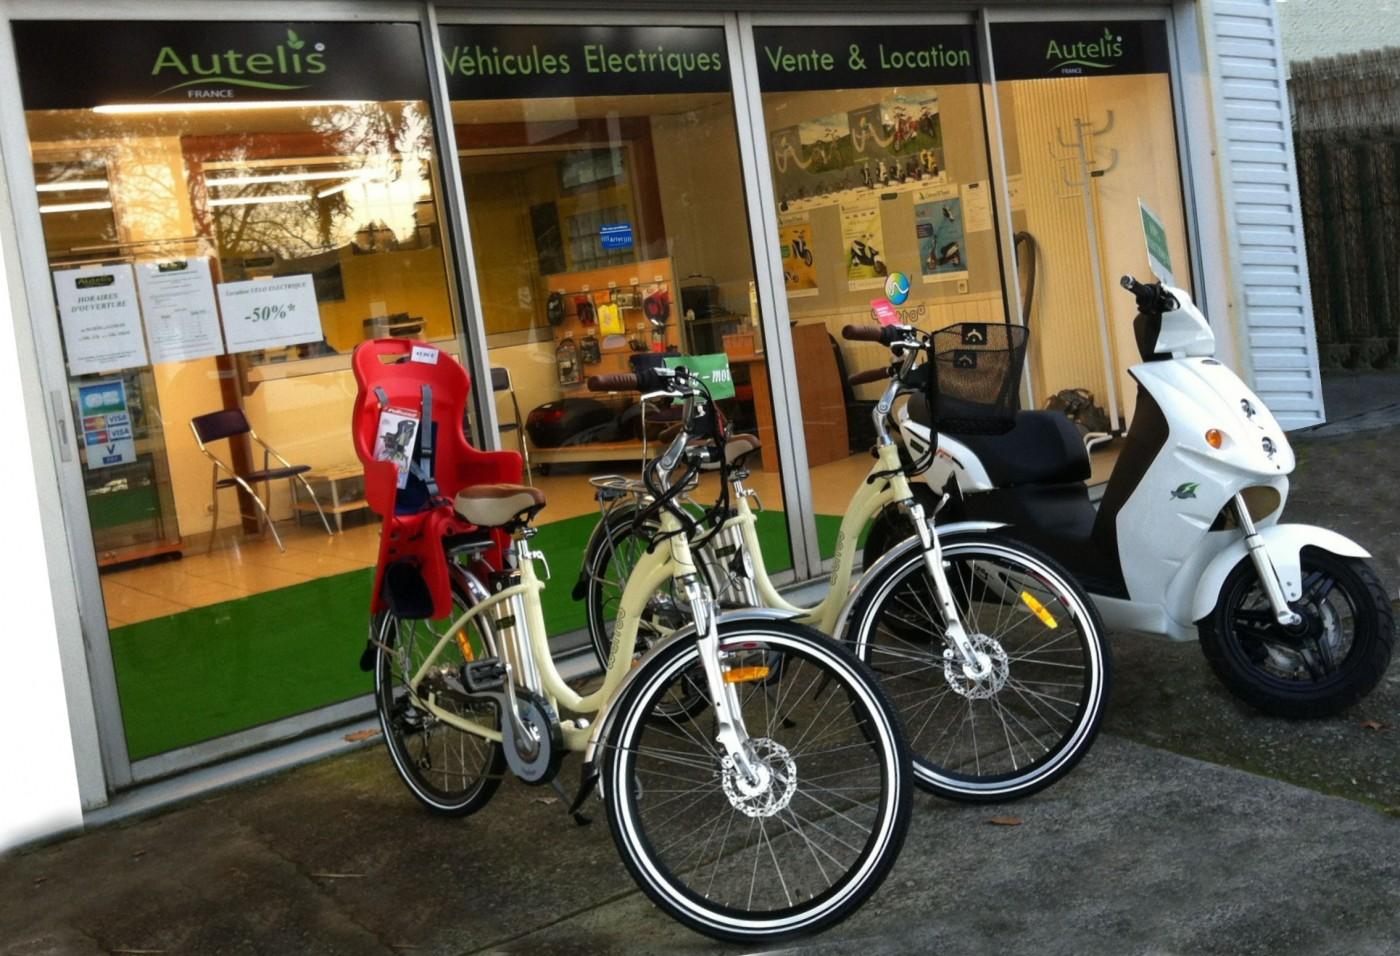 Autelis magasin de vente et de location de v hicules - Garage renault argenteuil rue henri barbusse ...